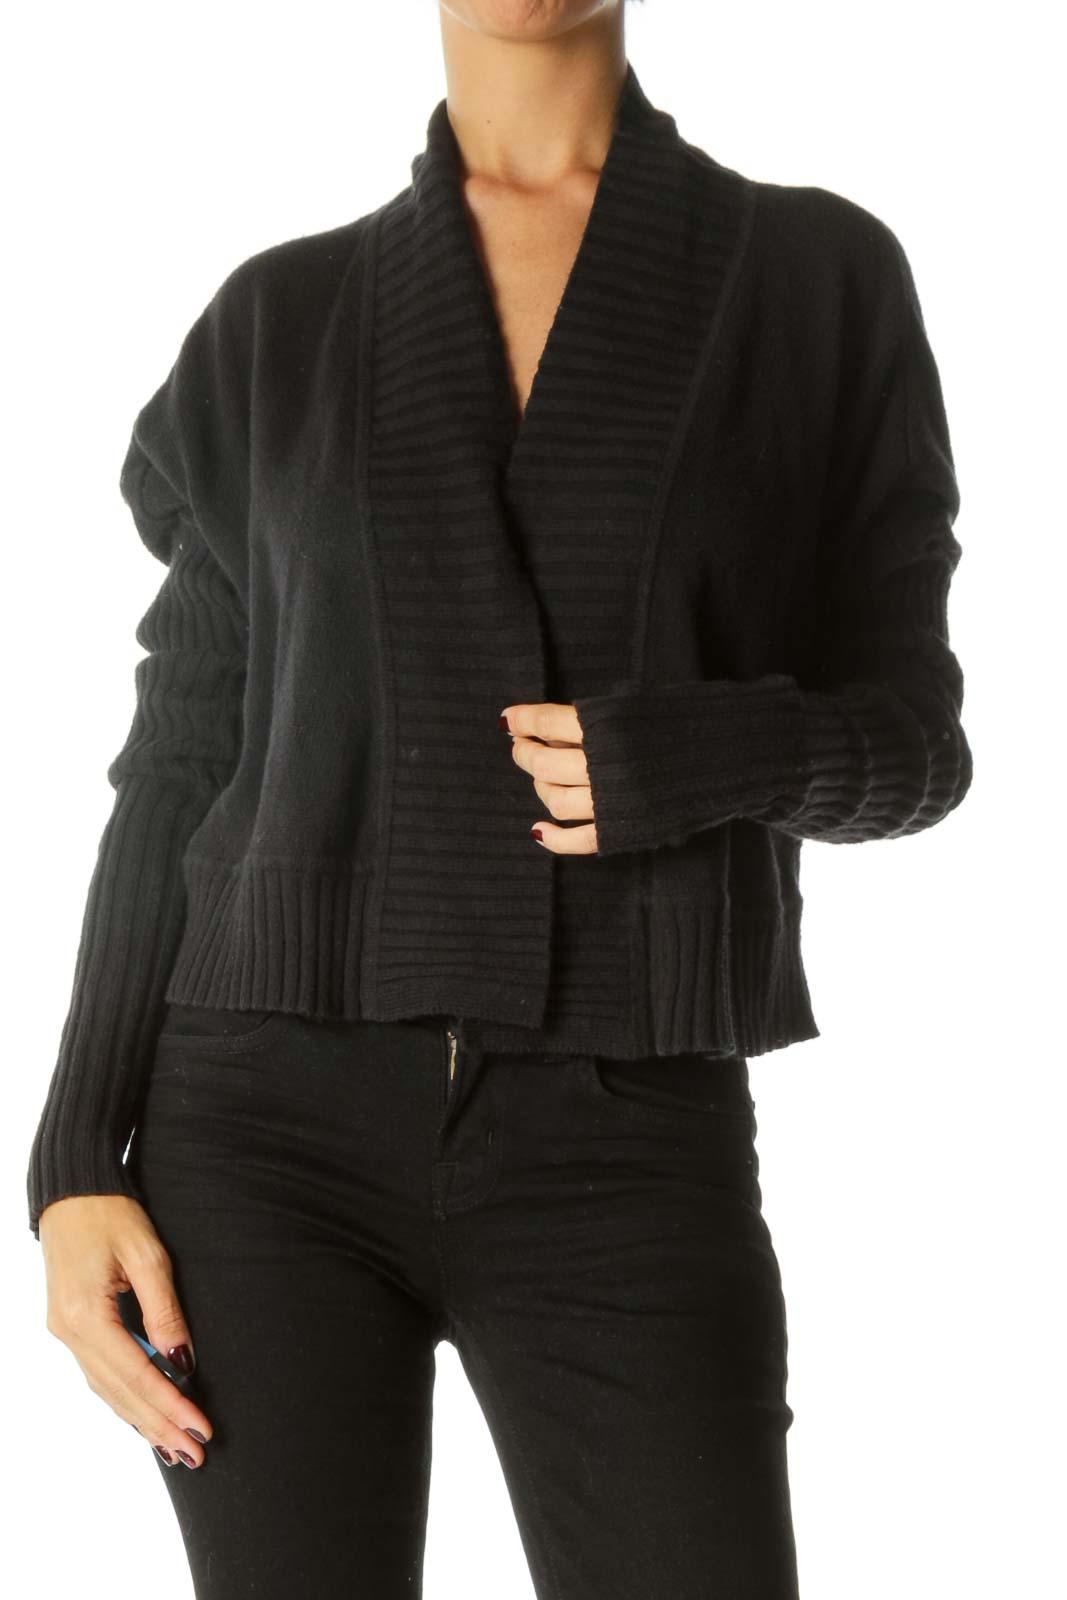 Black Open Long Sleeve Sweater